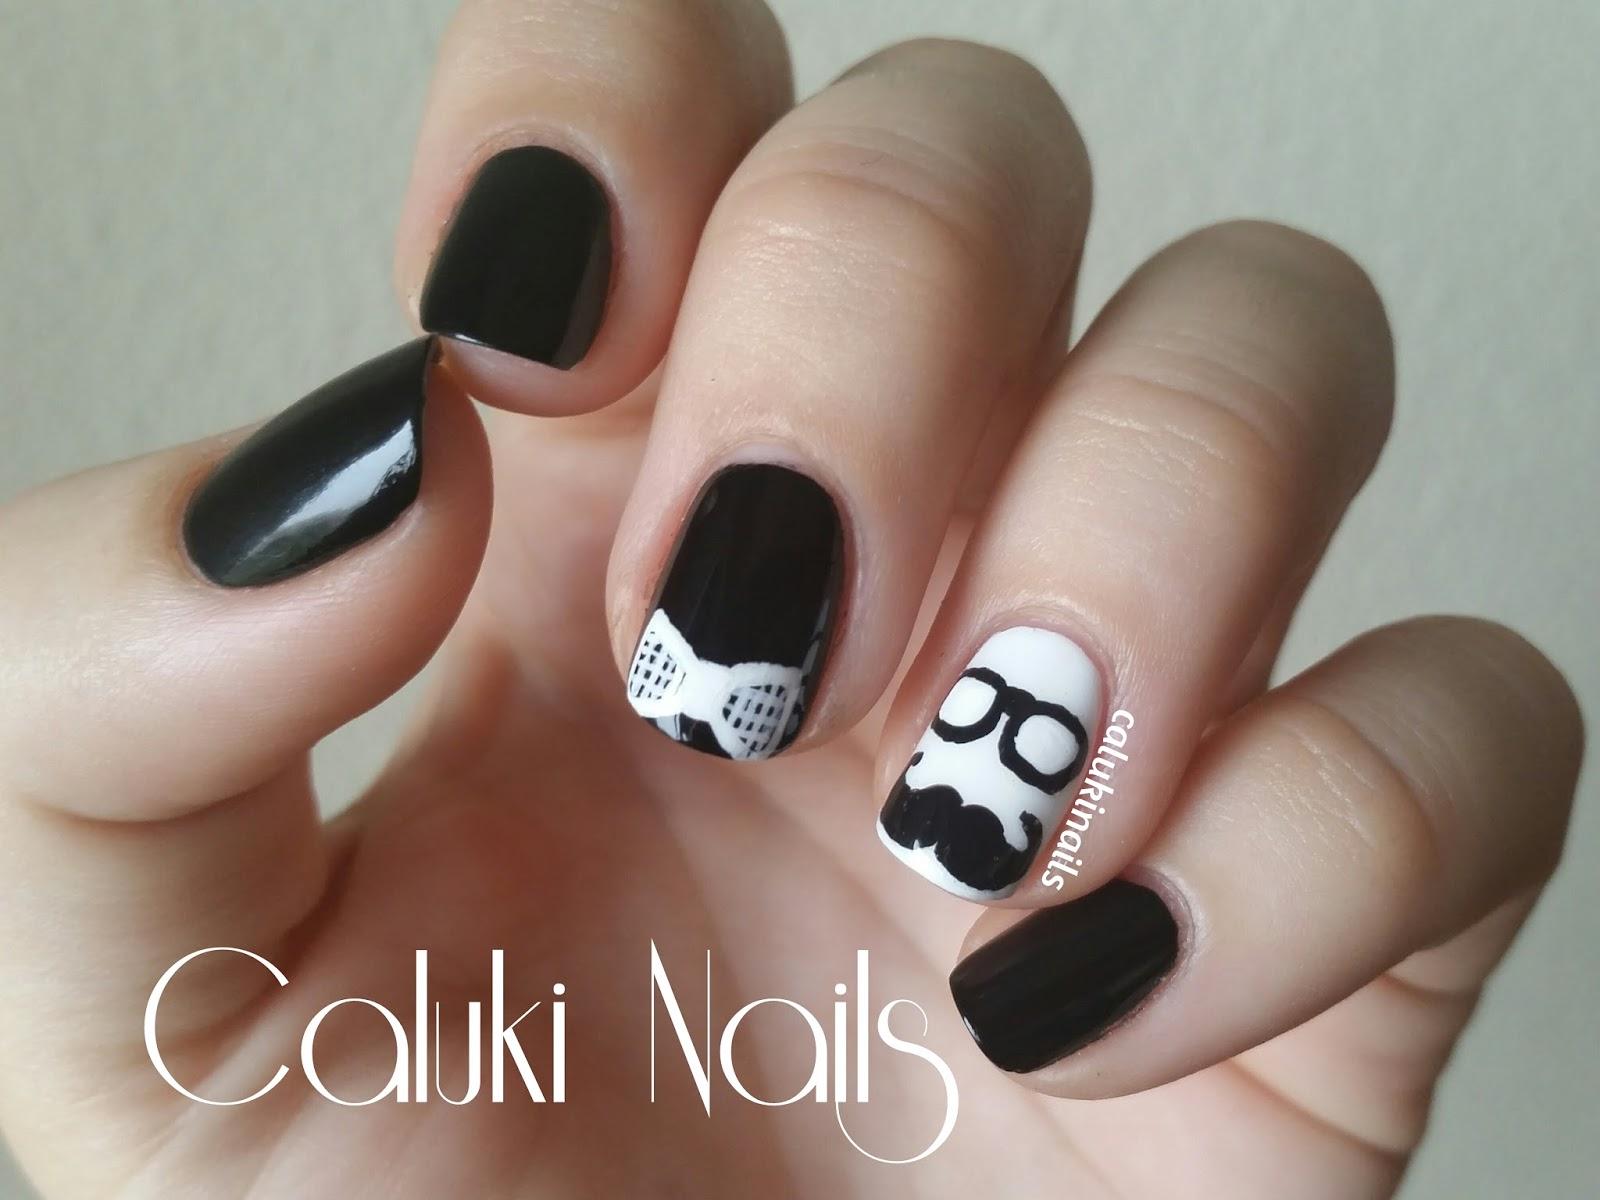 Caluki Nails : 2015